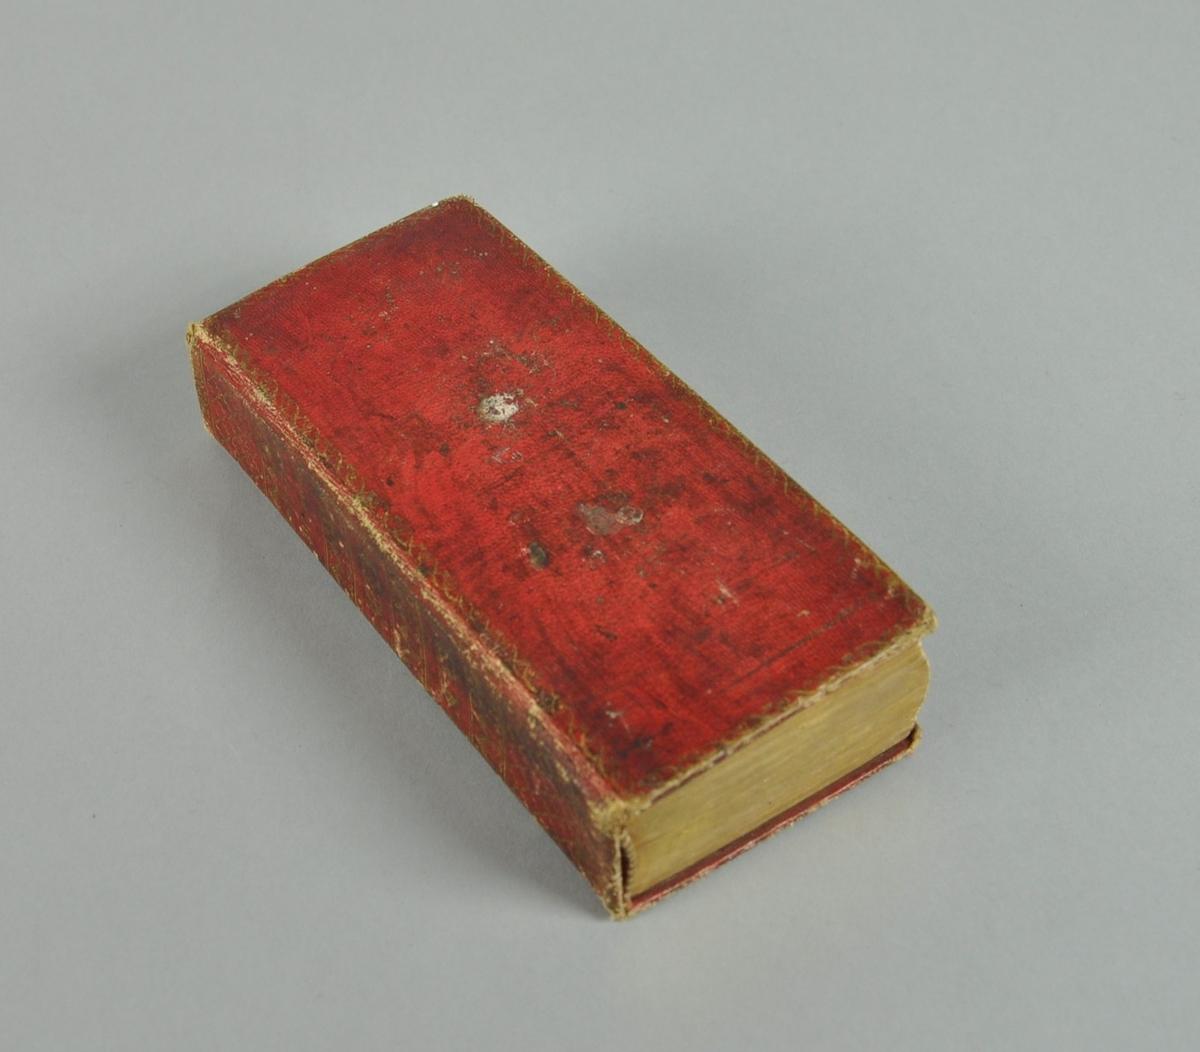 Boken har rødt skinnbind og mørkegrønt papir på innsiden med påtrykte blomster.